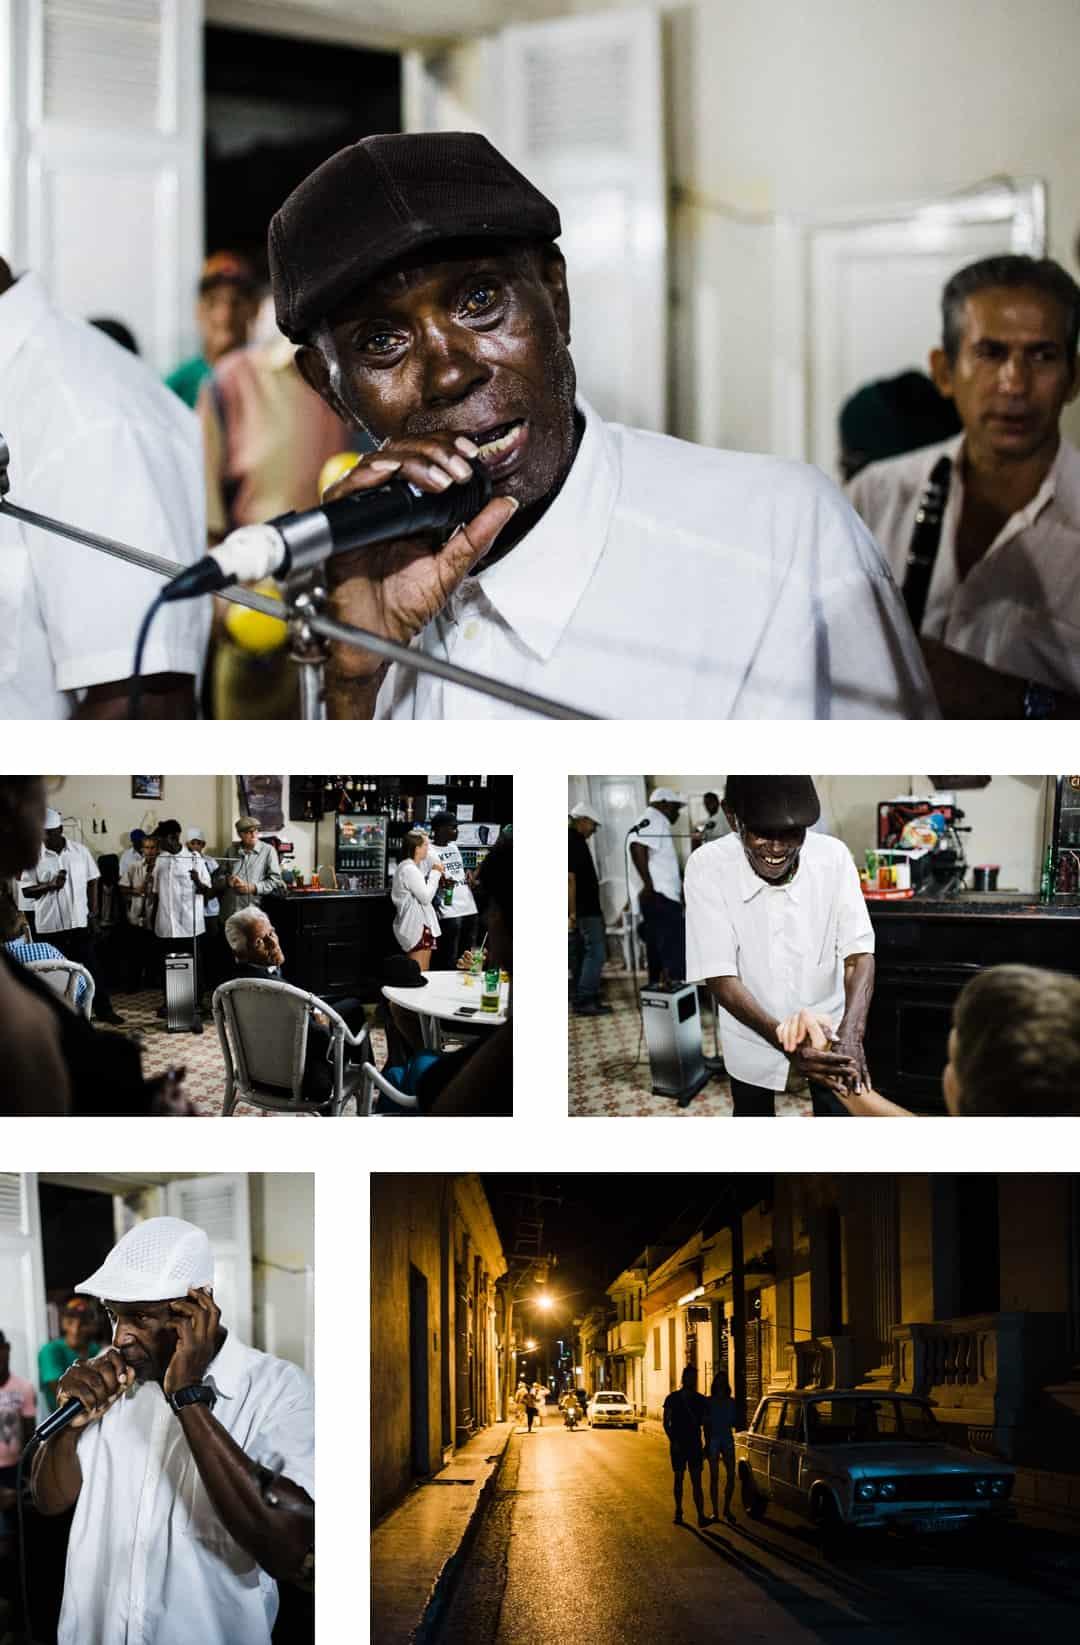 Cuban singers in a bar